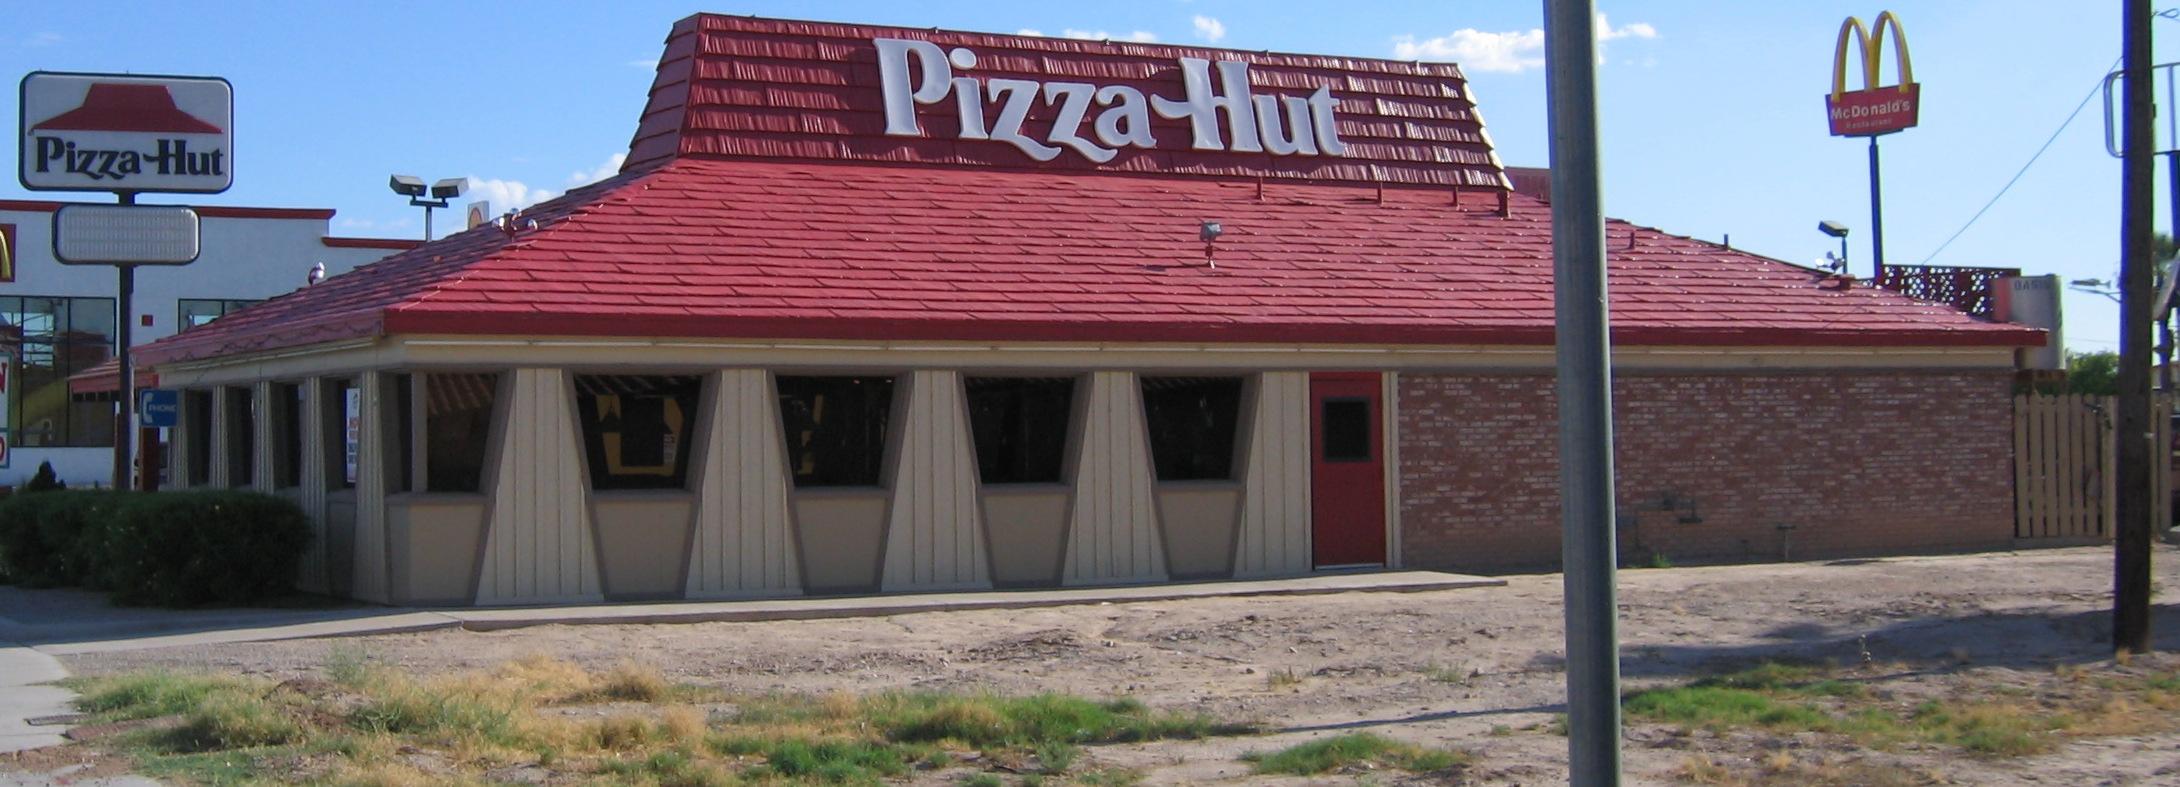 Pizza_Hut_Restaurant